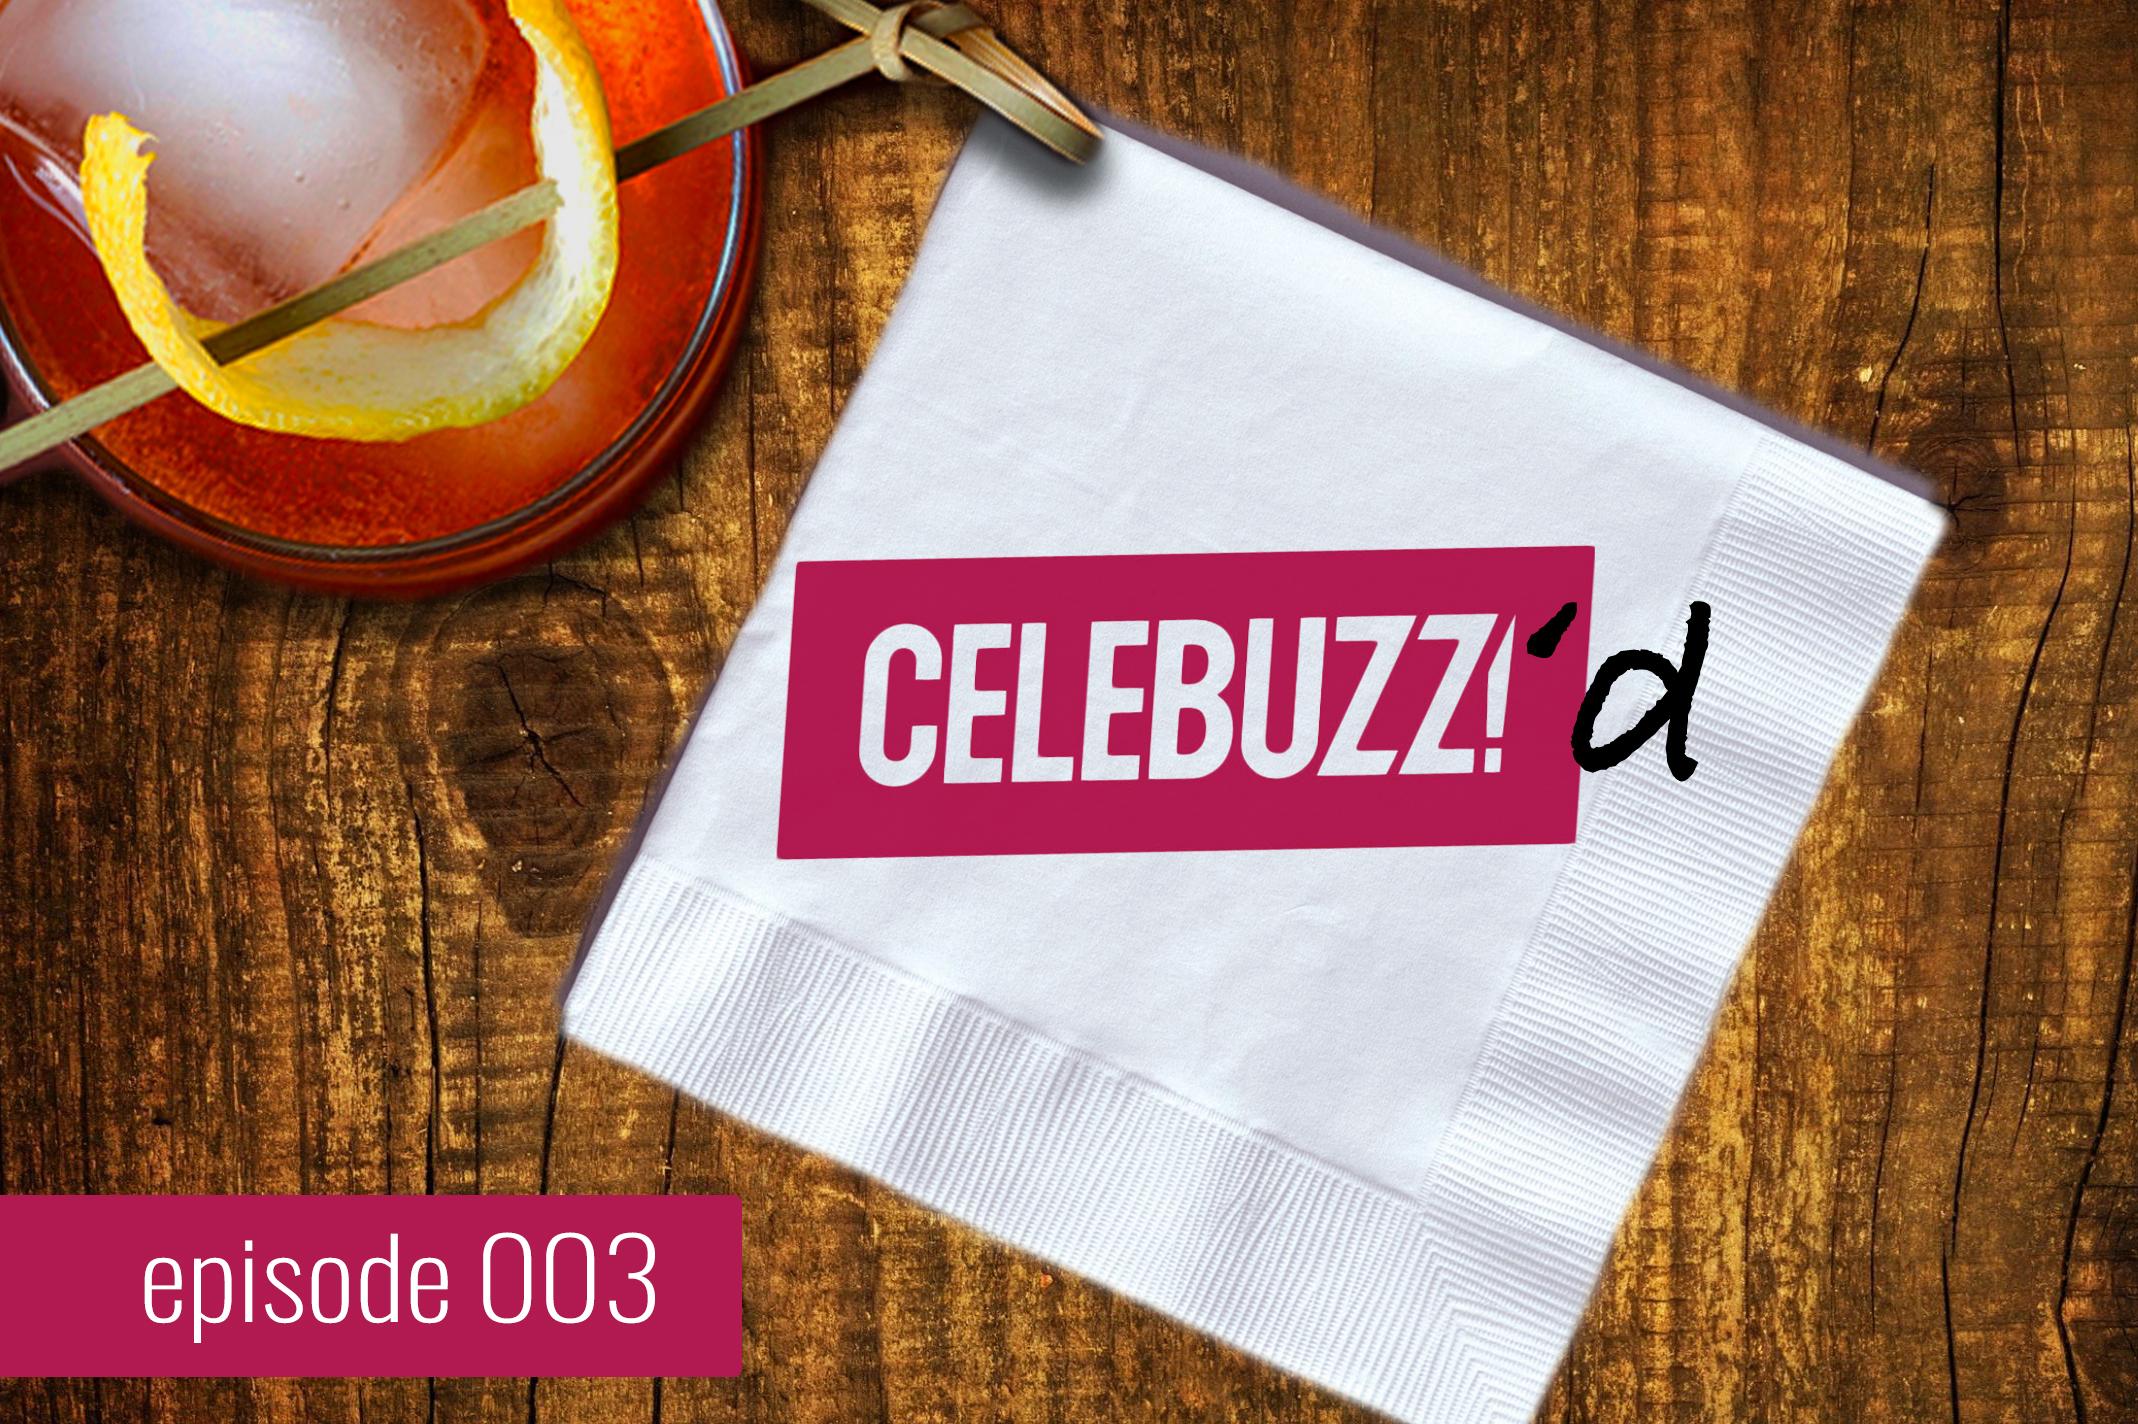 Celebuzz'd Episode 003: Blank White 'Formation' FOMO